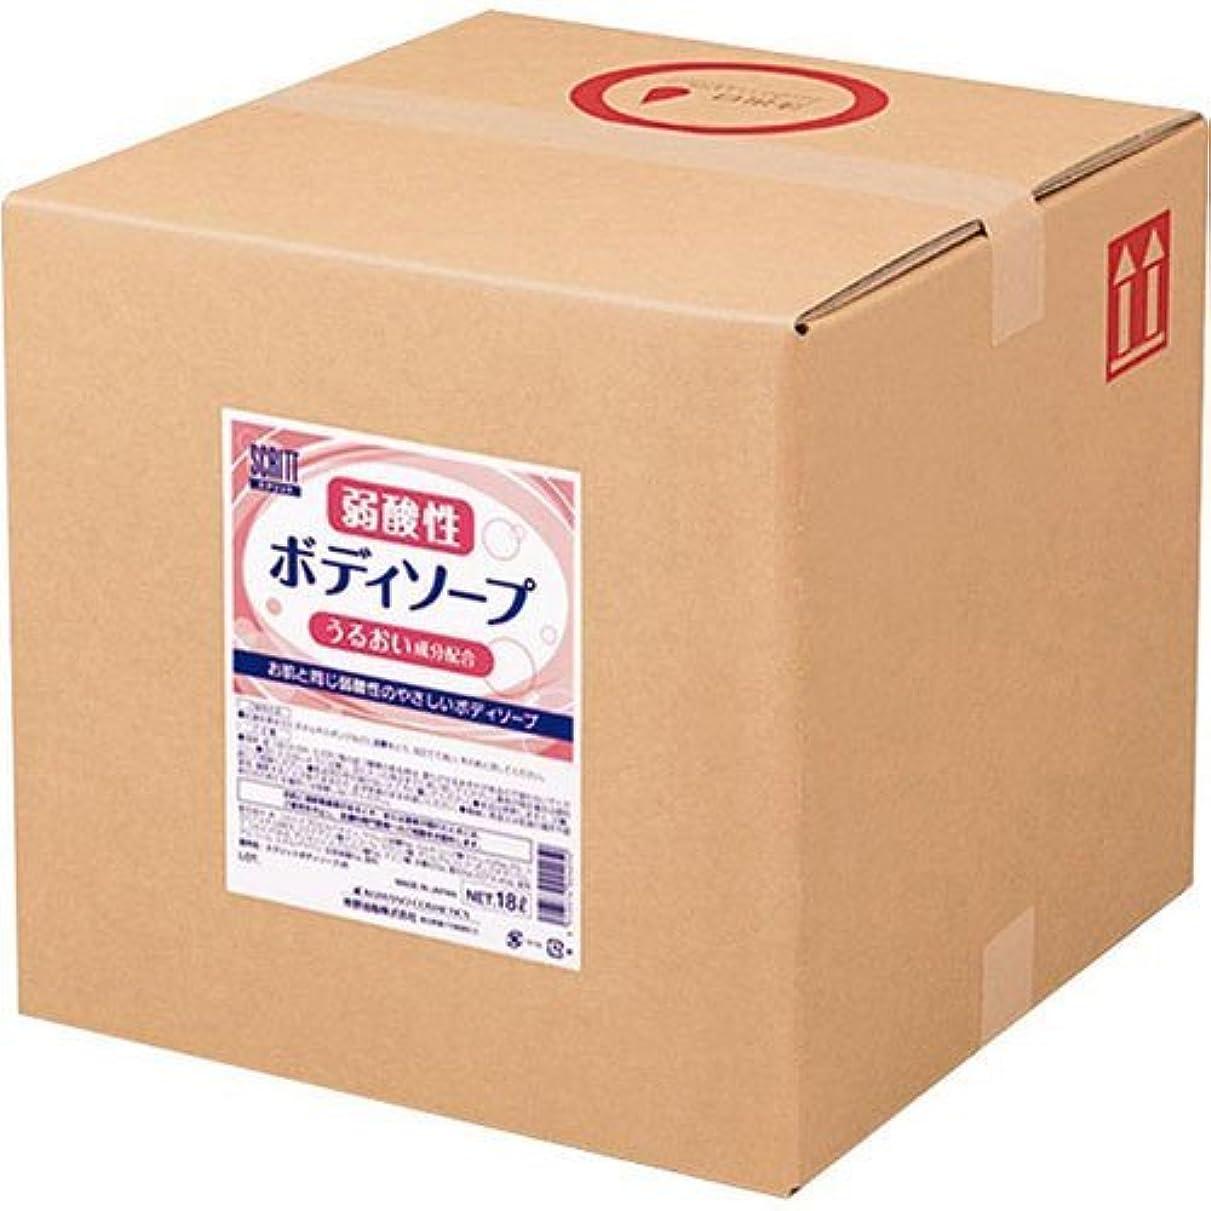 凍るテロリスト事故熊野油脂 業務用 SCRITT(スクリット) 弱酸性ボディソープ 18L